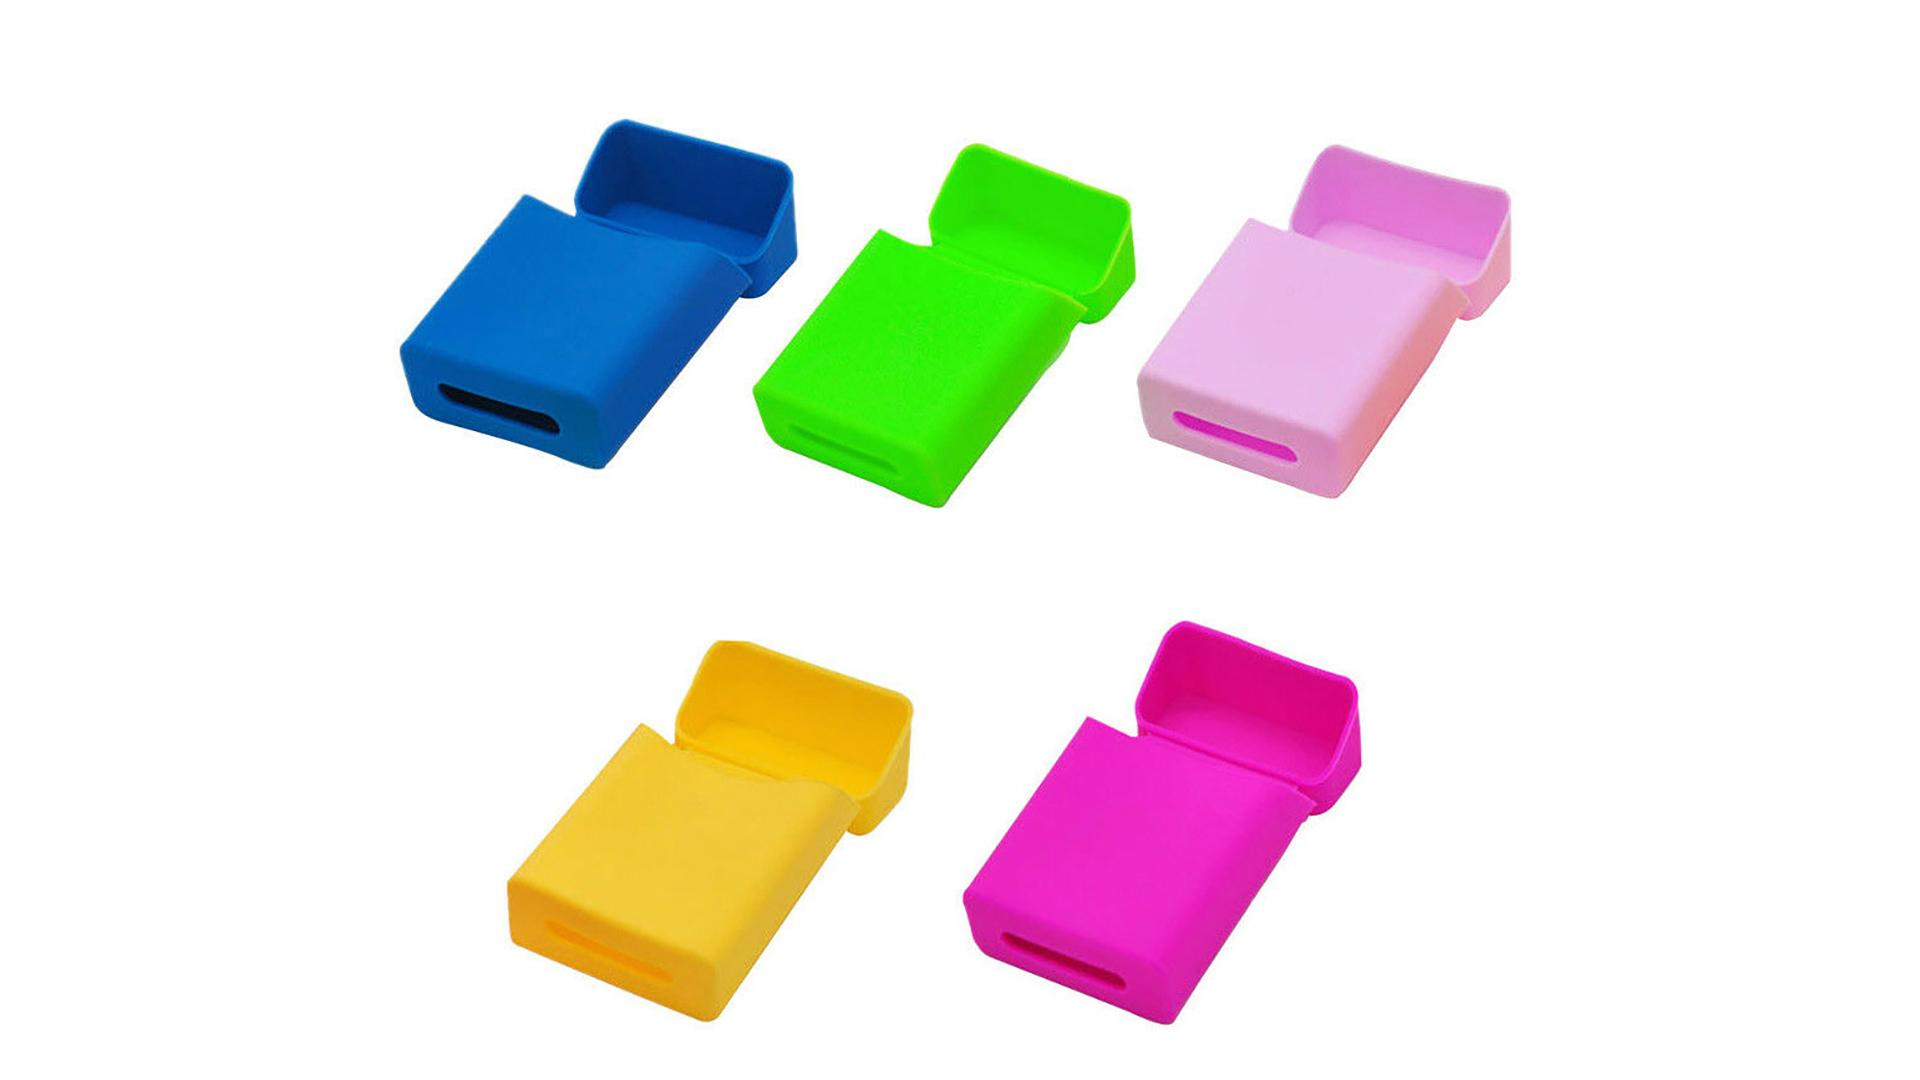 ФАФИН Индивидуальный дизайн Cigarette Case Case Box Силиконовый сигаречный чехол DH-силикон